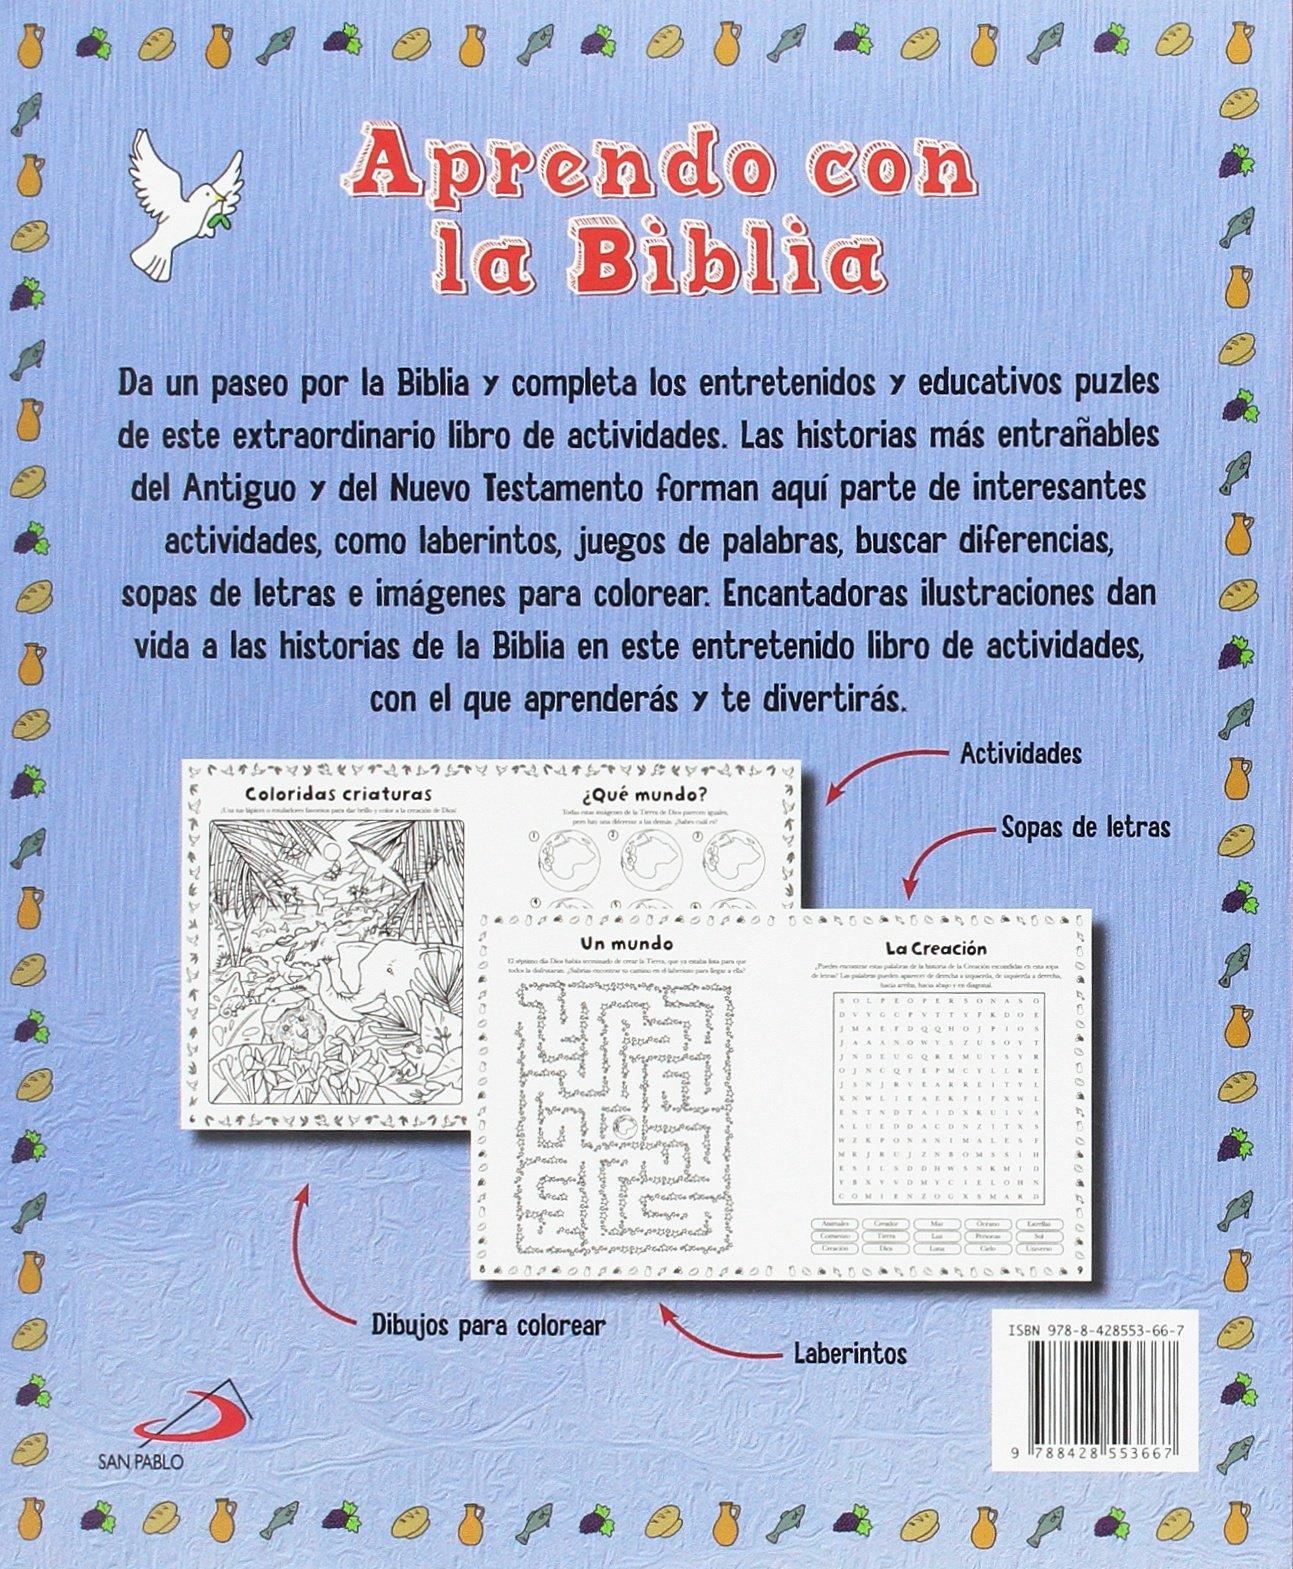 Aprendo Con La Biblia Libro De Actividades Pequelibros Biblicos